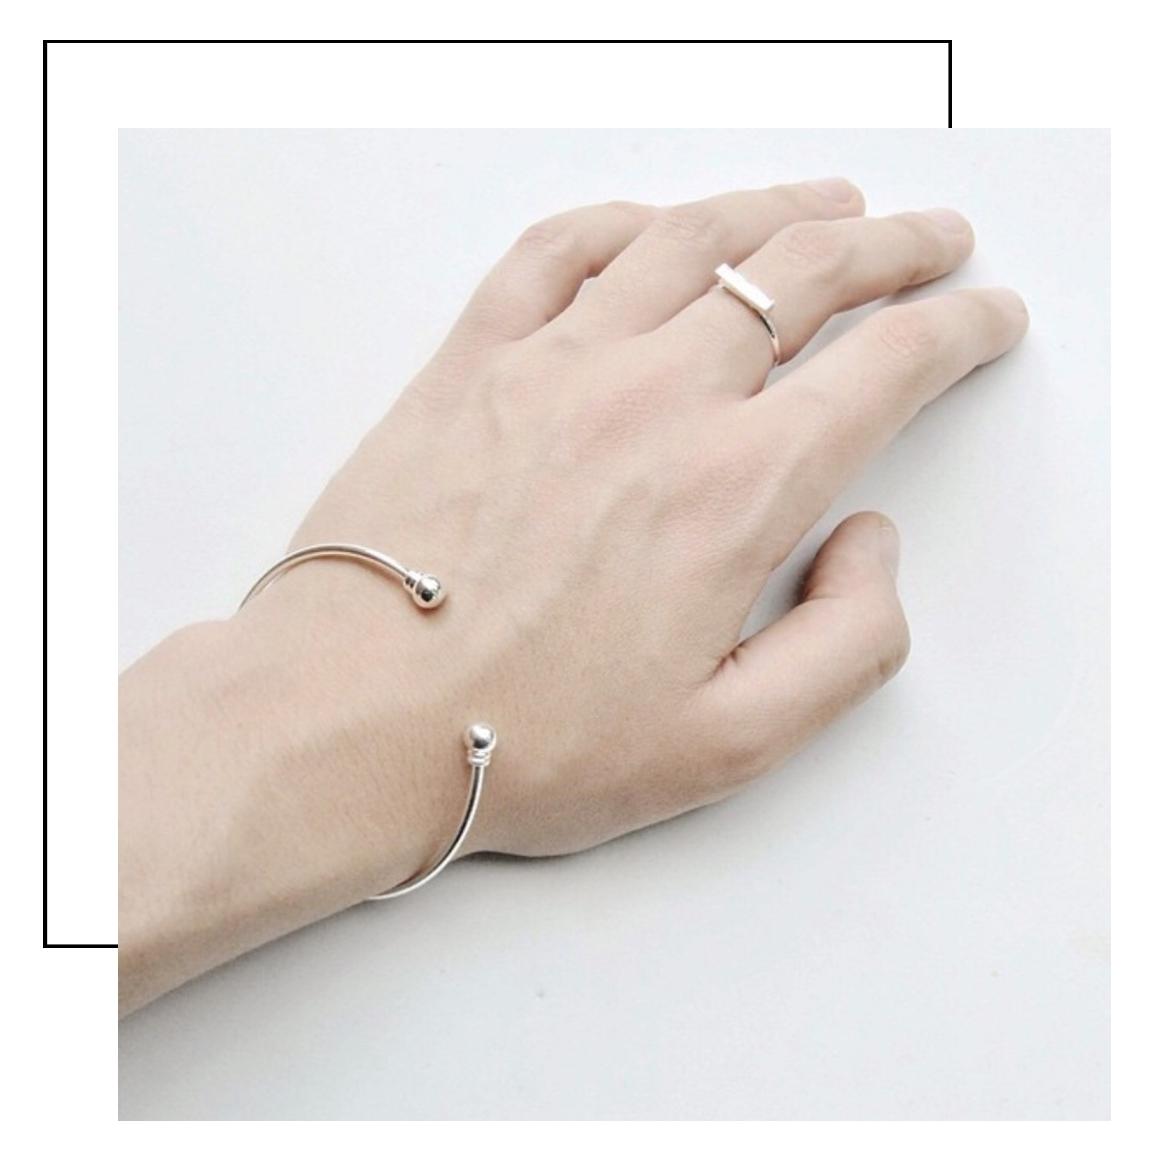 schöne Armbänder Madeleine Issing